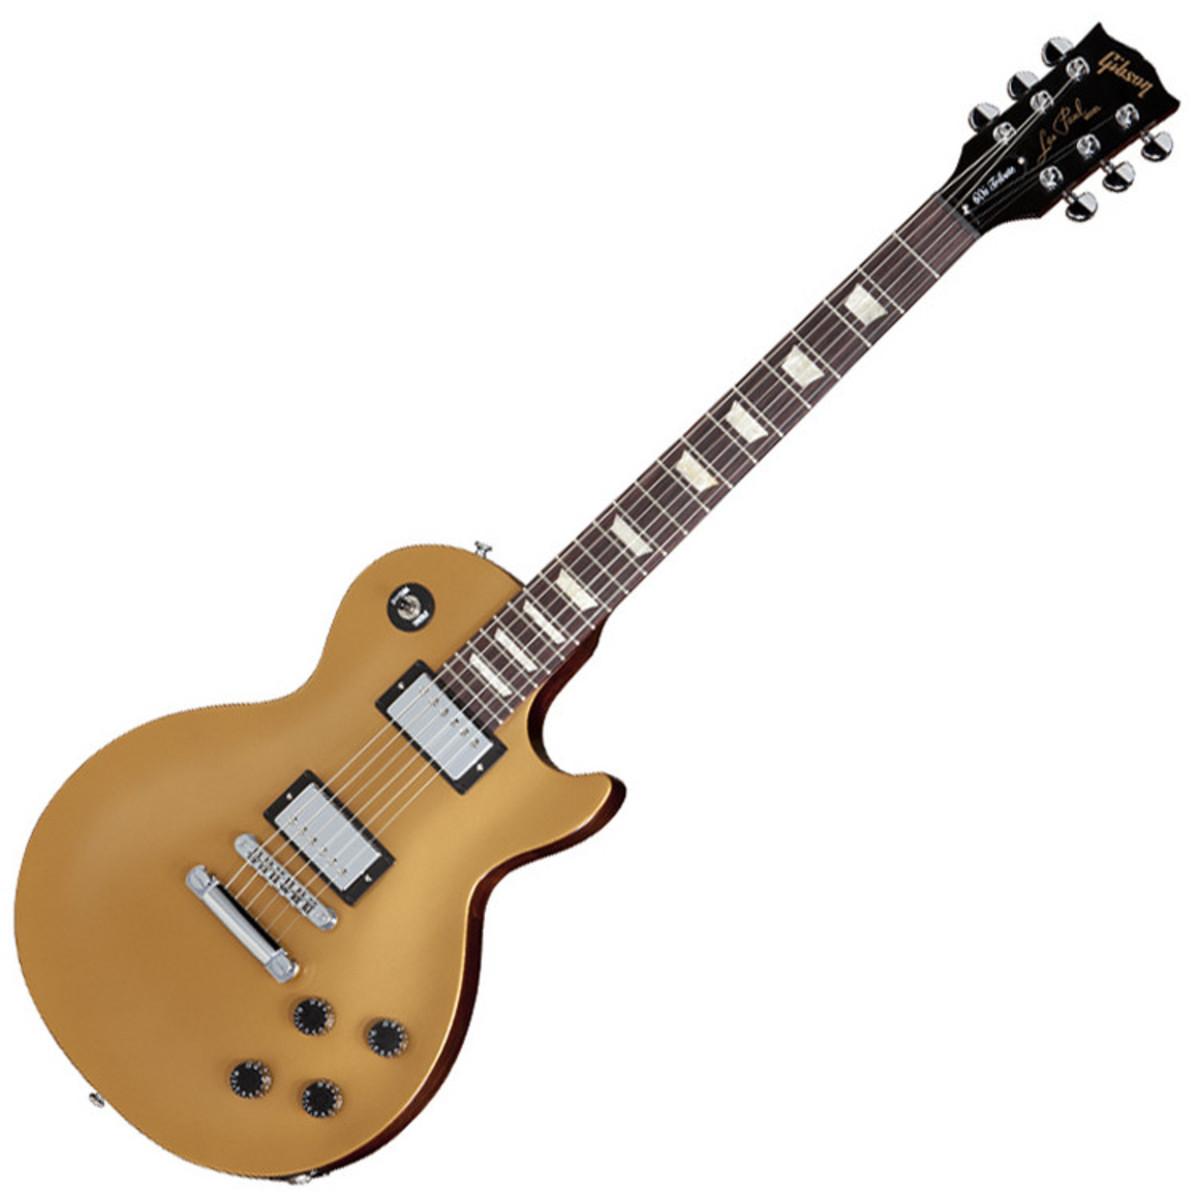 Disc chitarra elettrica gibson les paul degli anni 39 60 for Chitarra gibson les paul